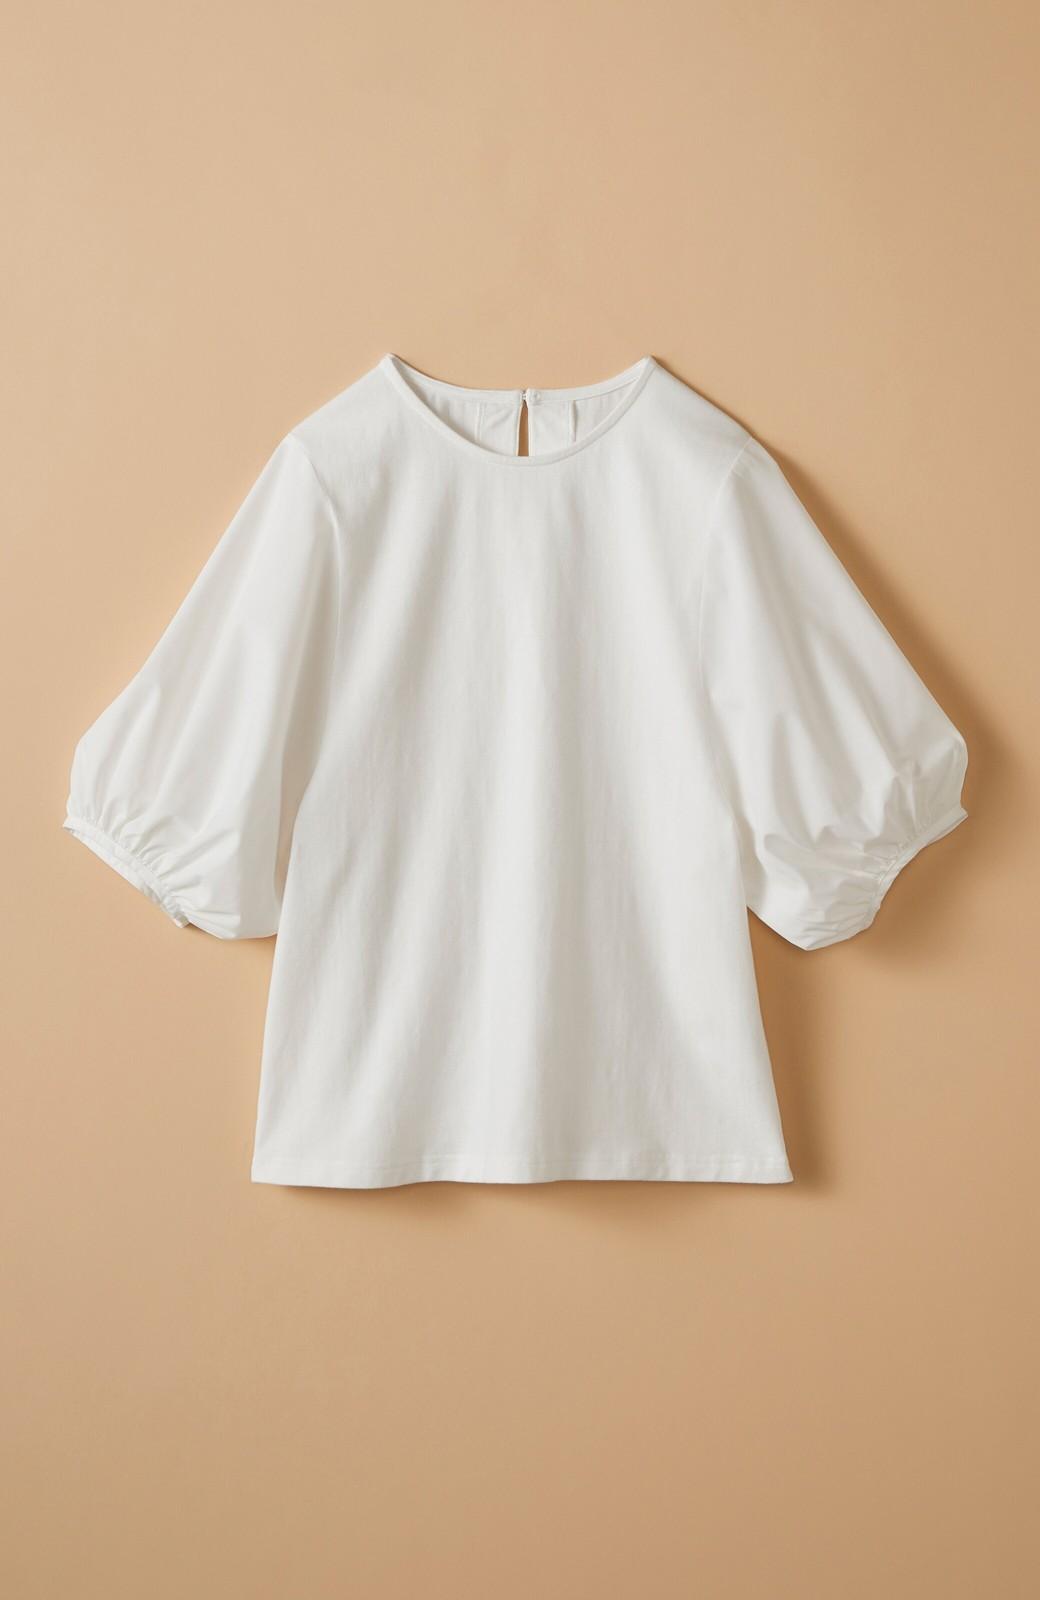 haco! Tシャツの代わりにこれ着とこう!二の腕隠してかわいげ増します!ちょうちん袖トップス by que made me <ホワイト>の商品写真2